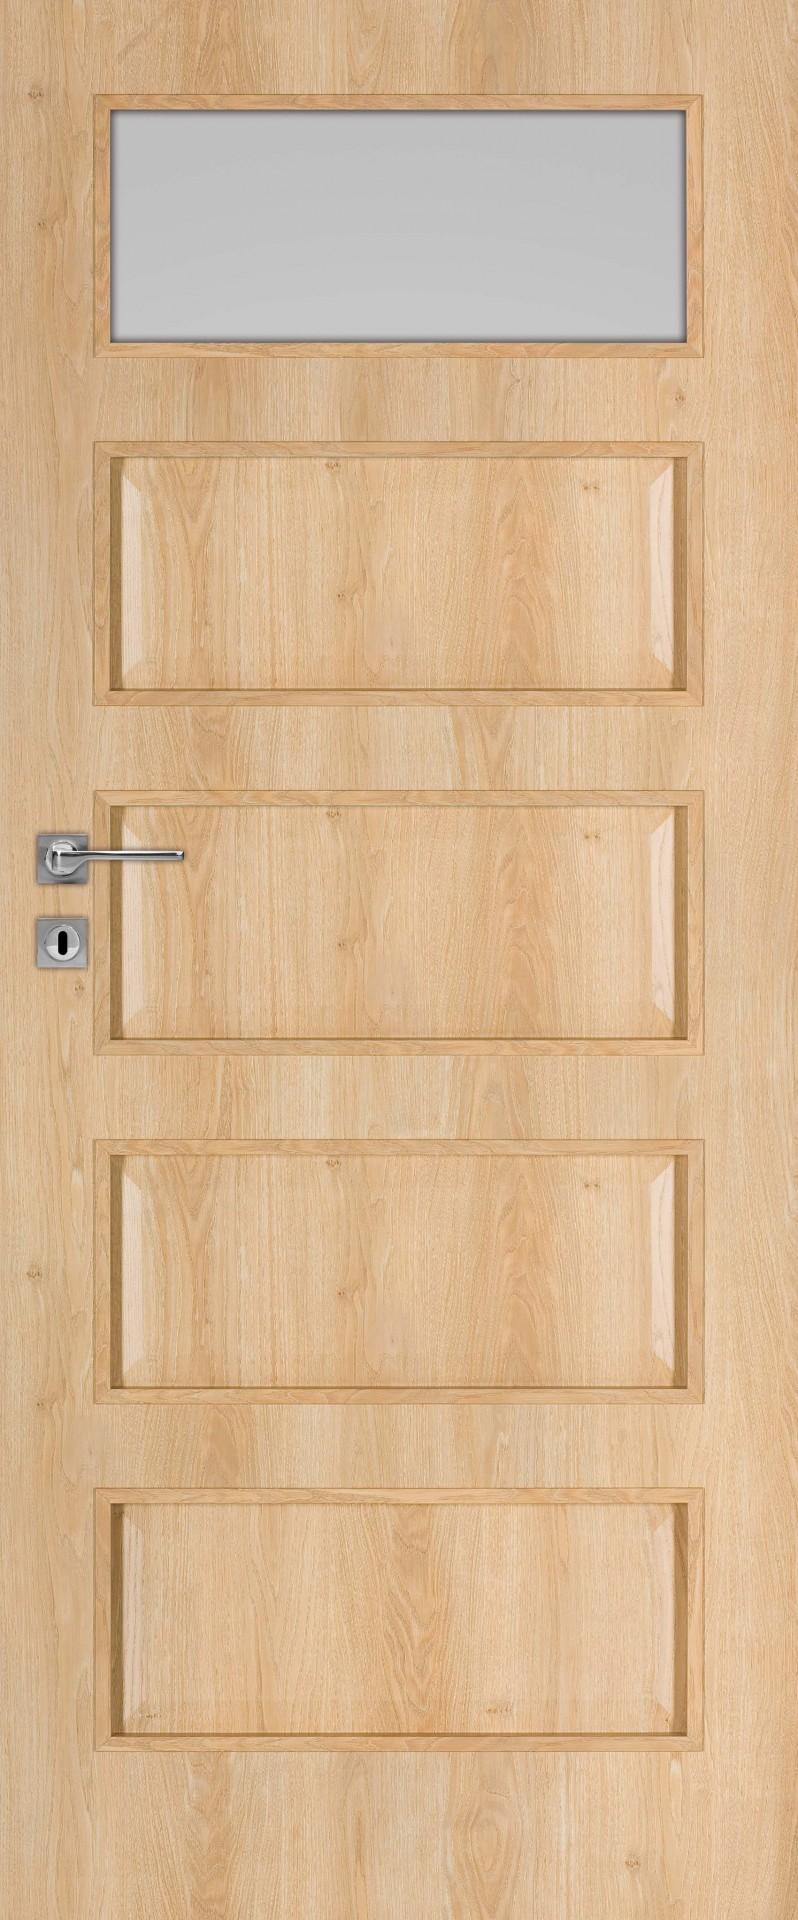 Dre dveře ALDEA 20, Šíře v cm 90